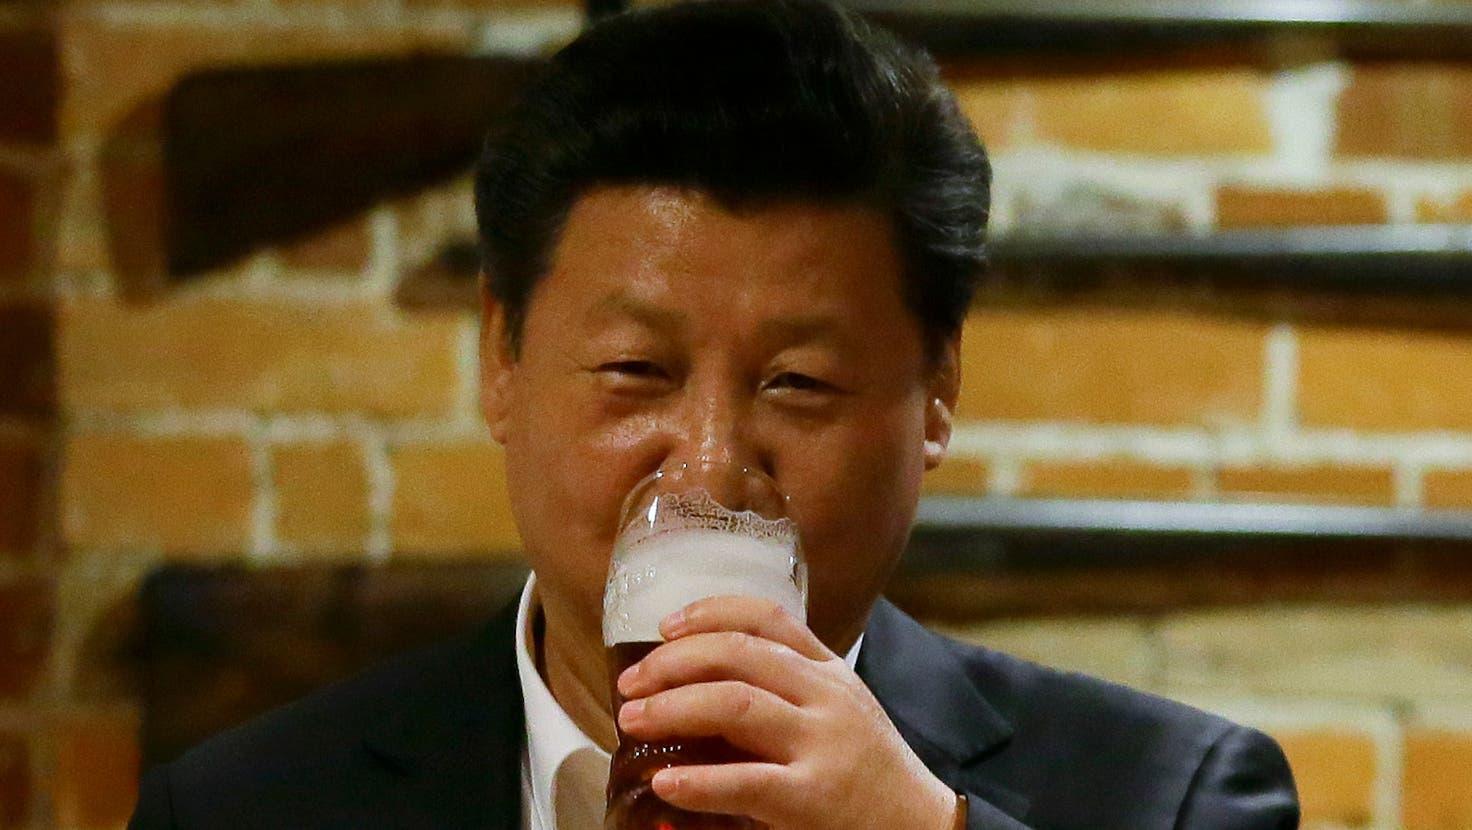 Staatspräsident Xi Jinping nimmt einen Schluck aus dem Bierglas - den Verband der Craft-Bier-Brauerim Land hat seine Regierung dagegen zur «illegalen NGO» erklärt. (AP/key)